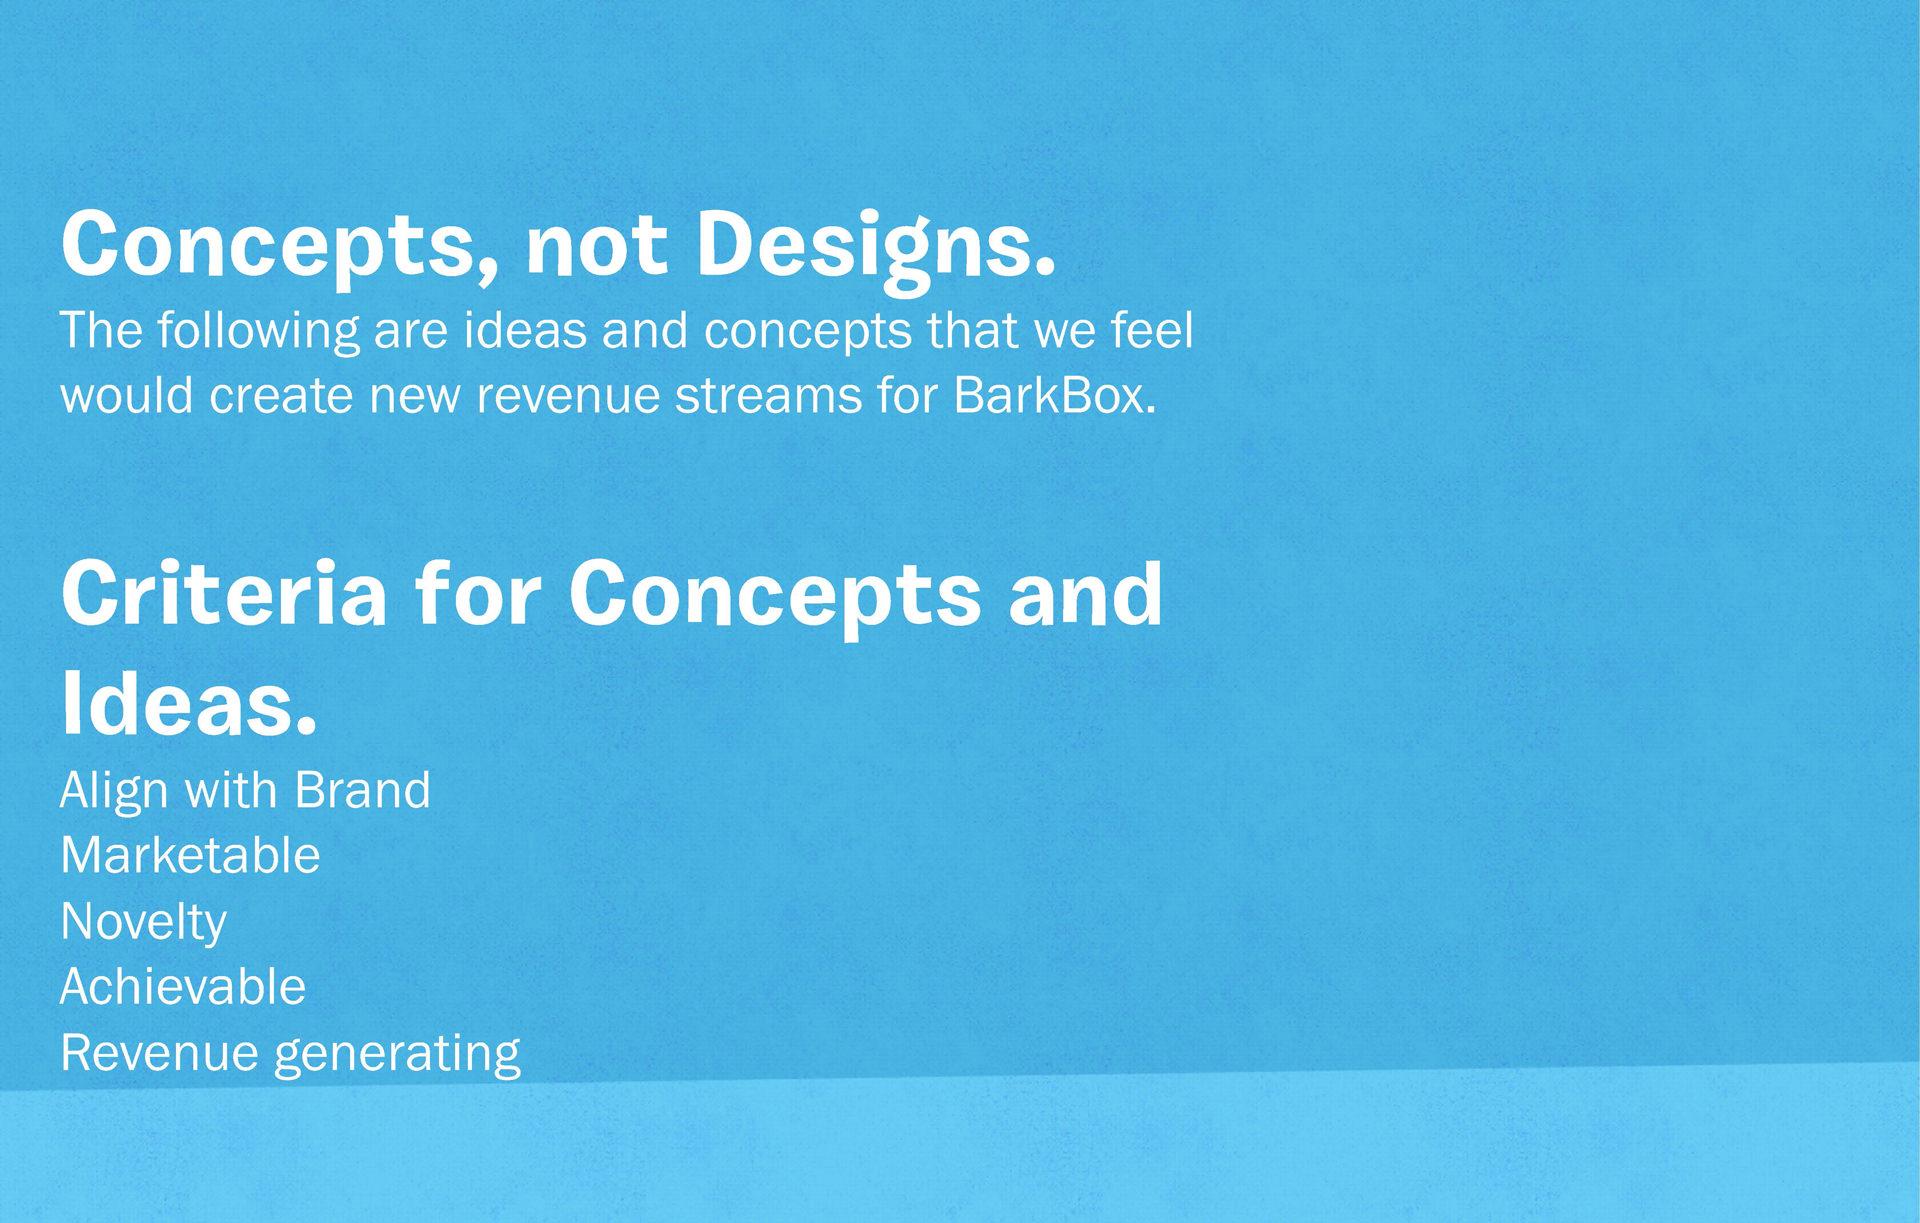 barkbox-1